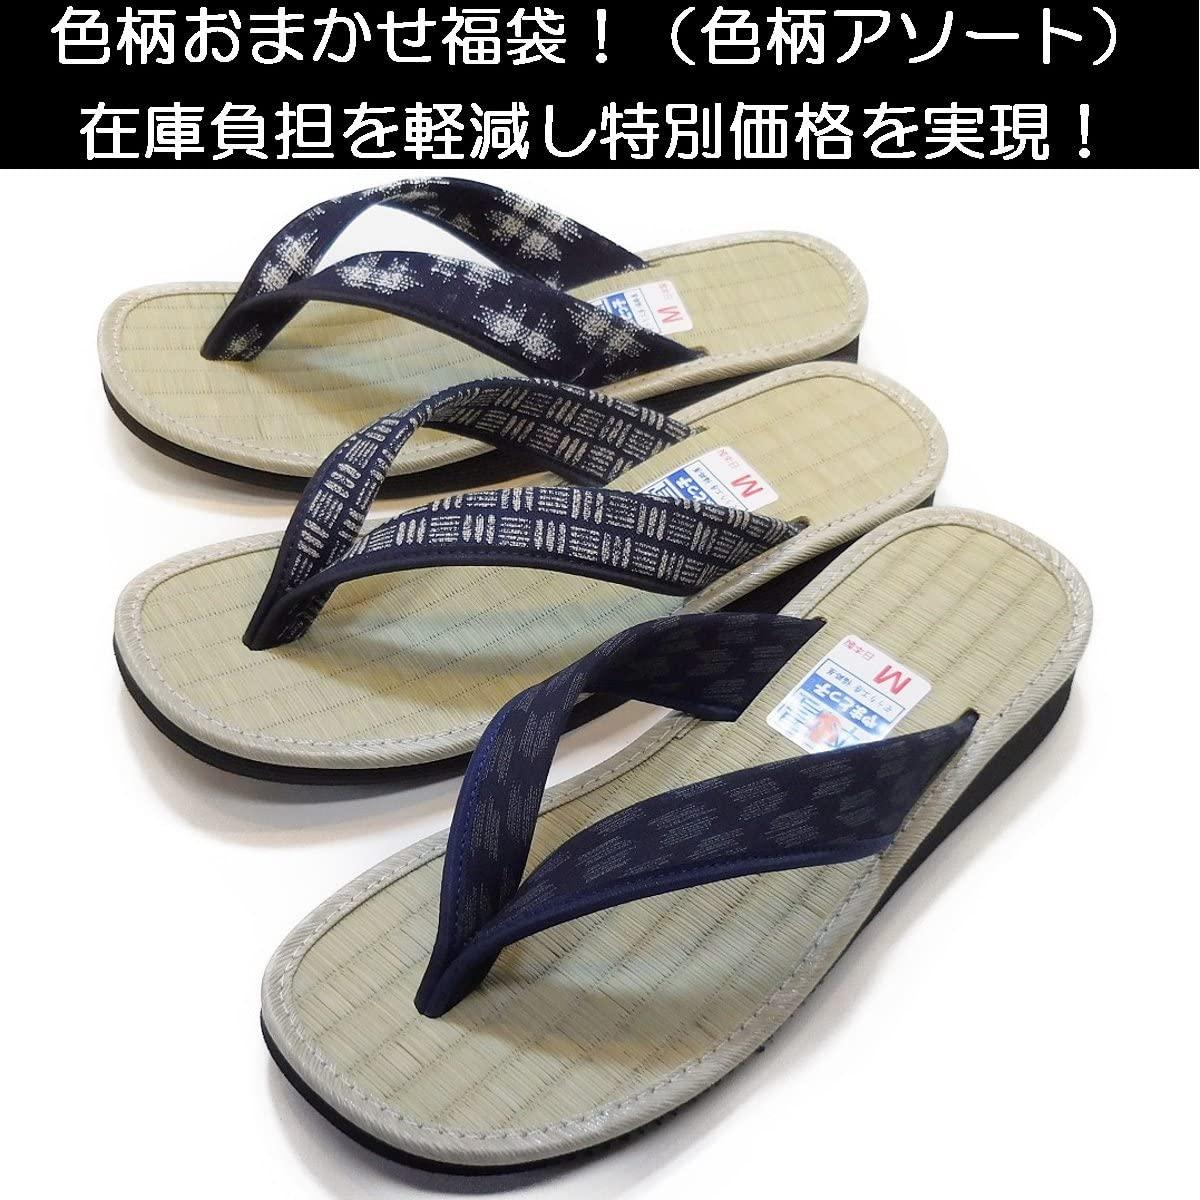 やまとっ子(ヤマトッコ) 本畳ぞうり 男性用の商品画像5